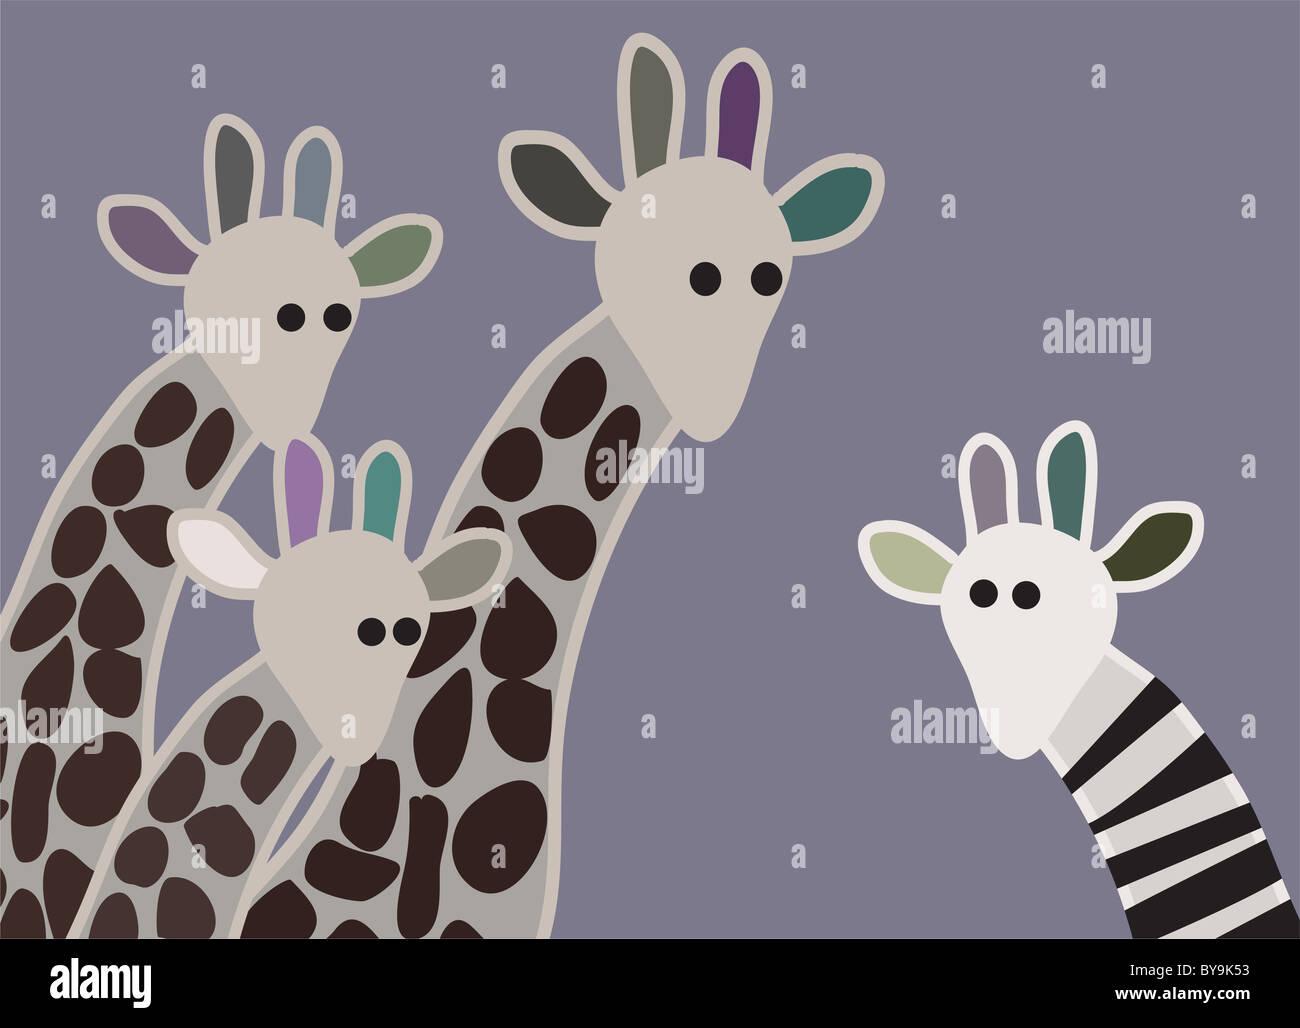 Giraffe família olhando surpreso, com girafa em diferentes marcação Imagens de Stock